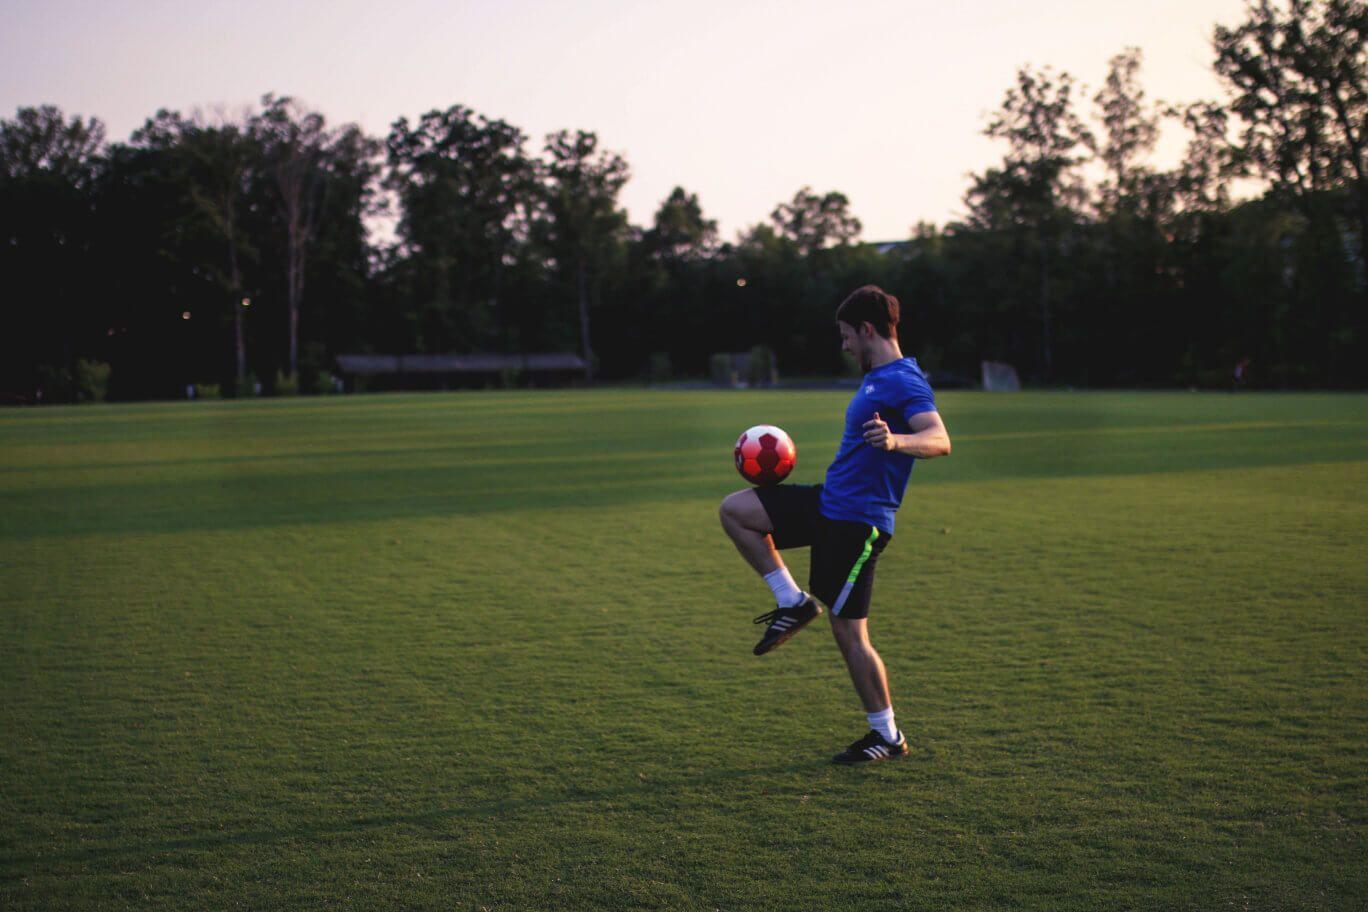 Man dribbling soccer ball on knee